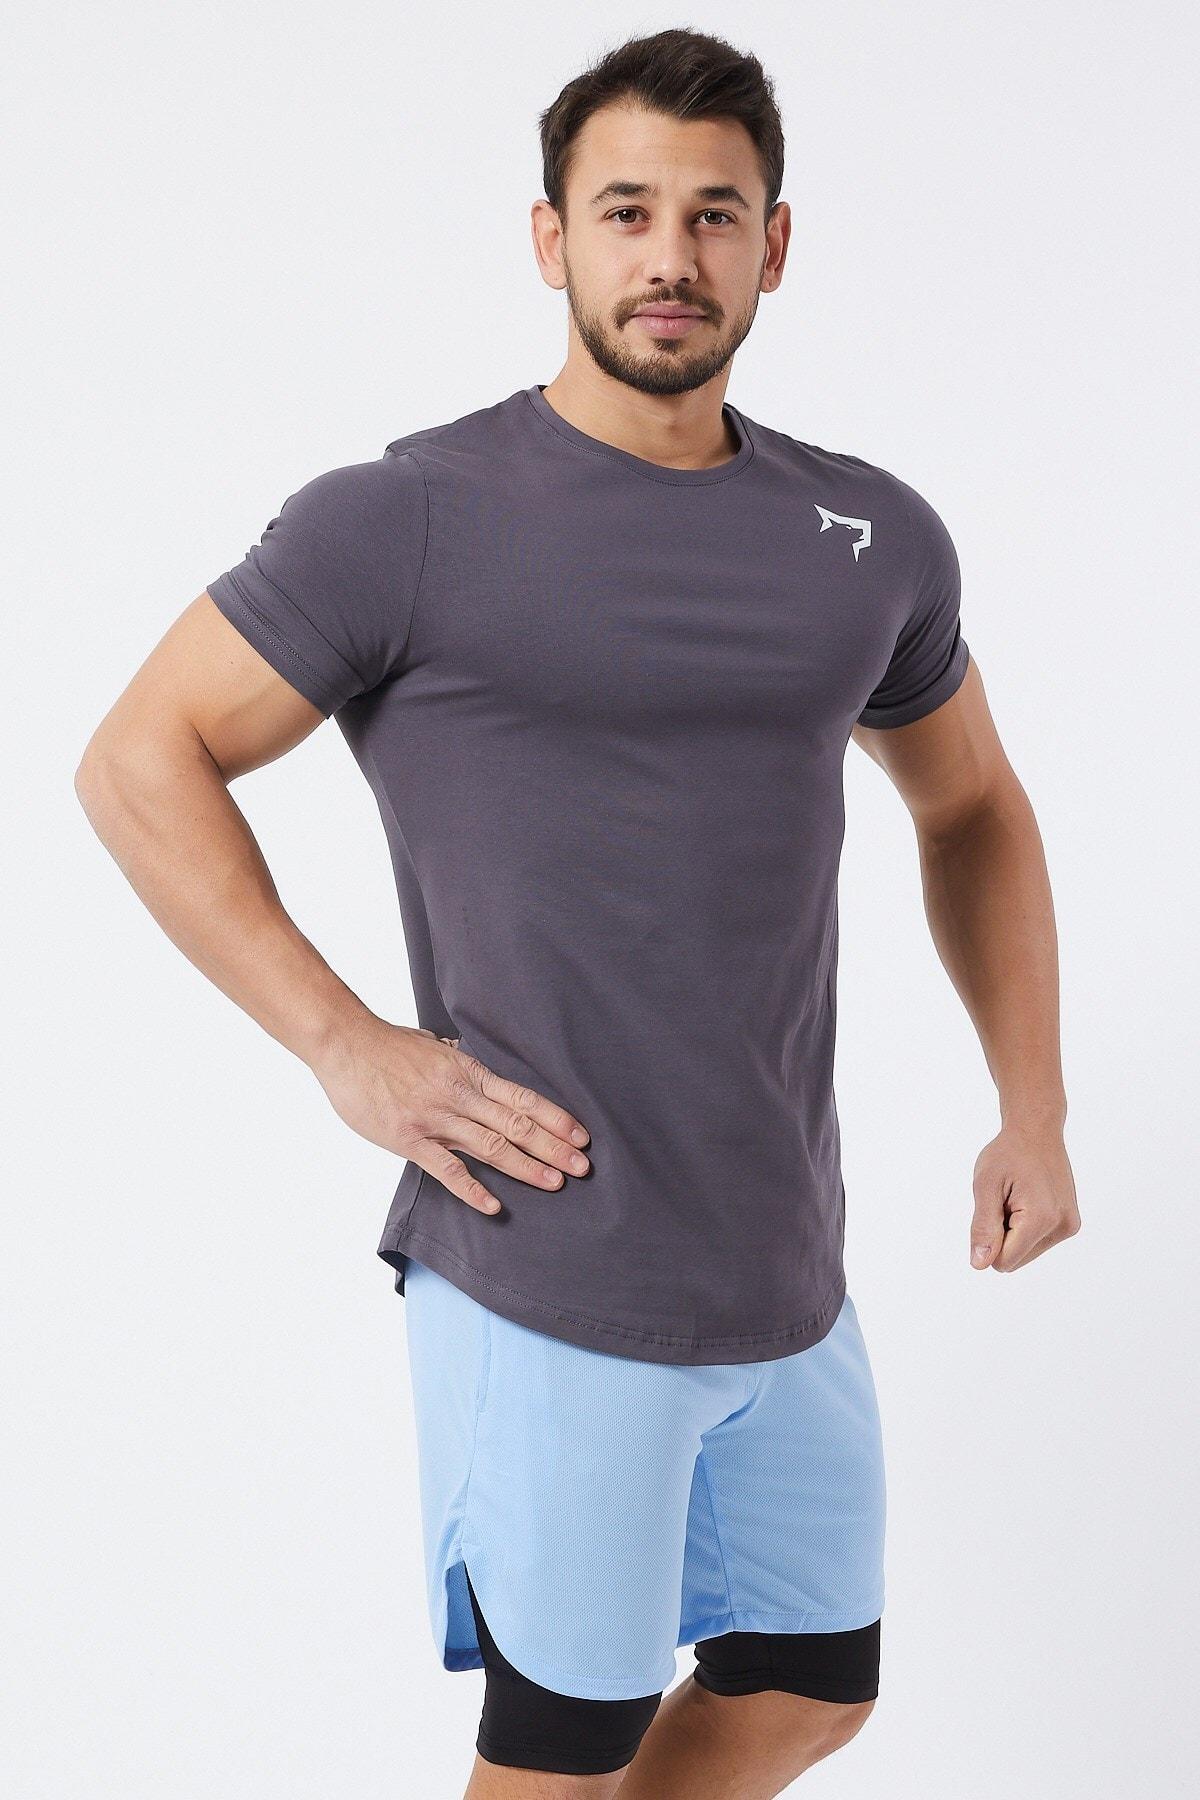 Gymwolves Spor Erkek T-Shirt | Füme | T-shirt | Workout Tanktop | 1